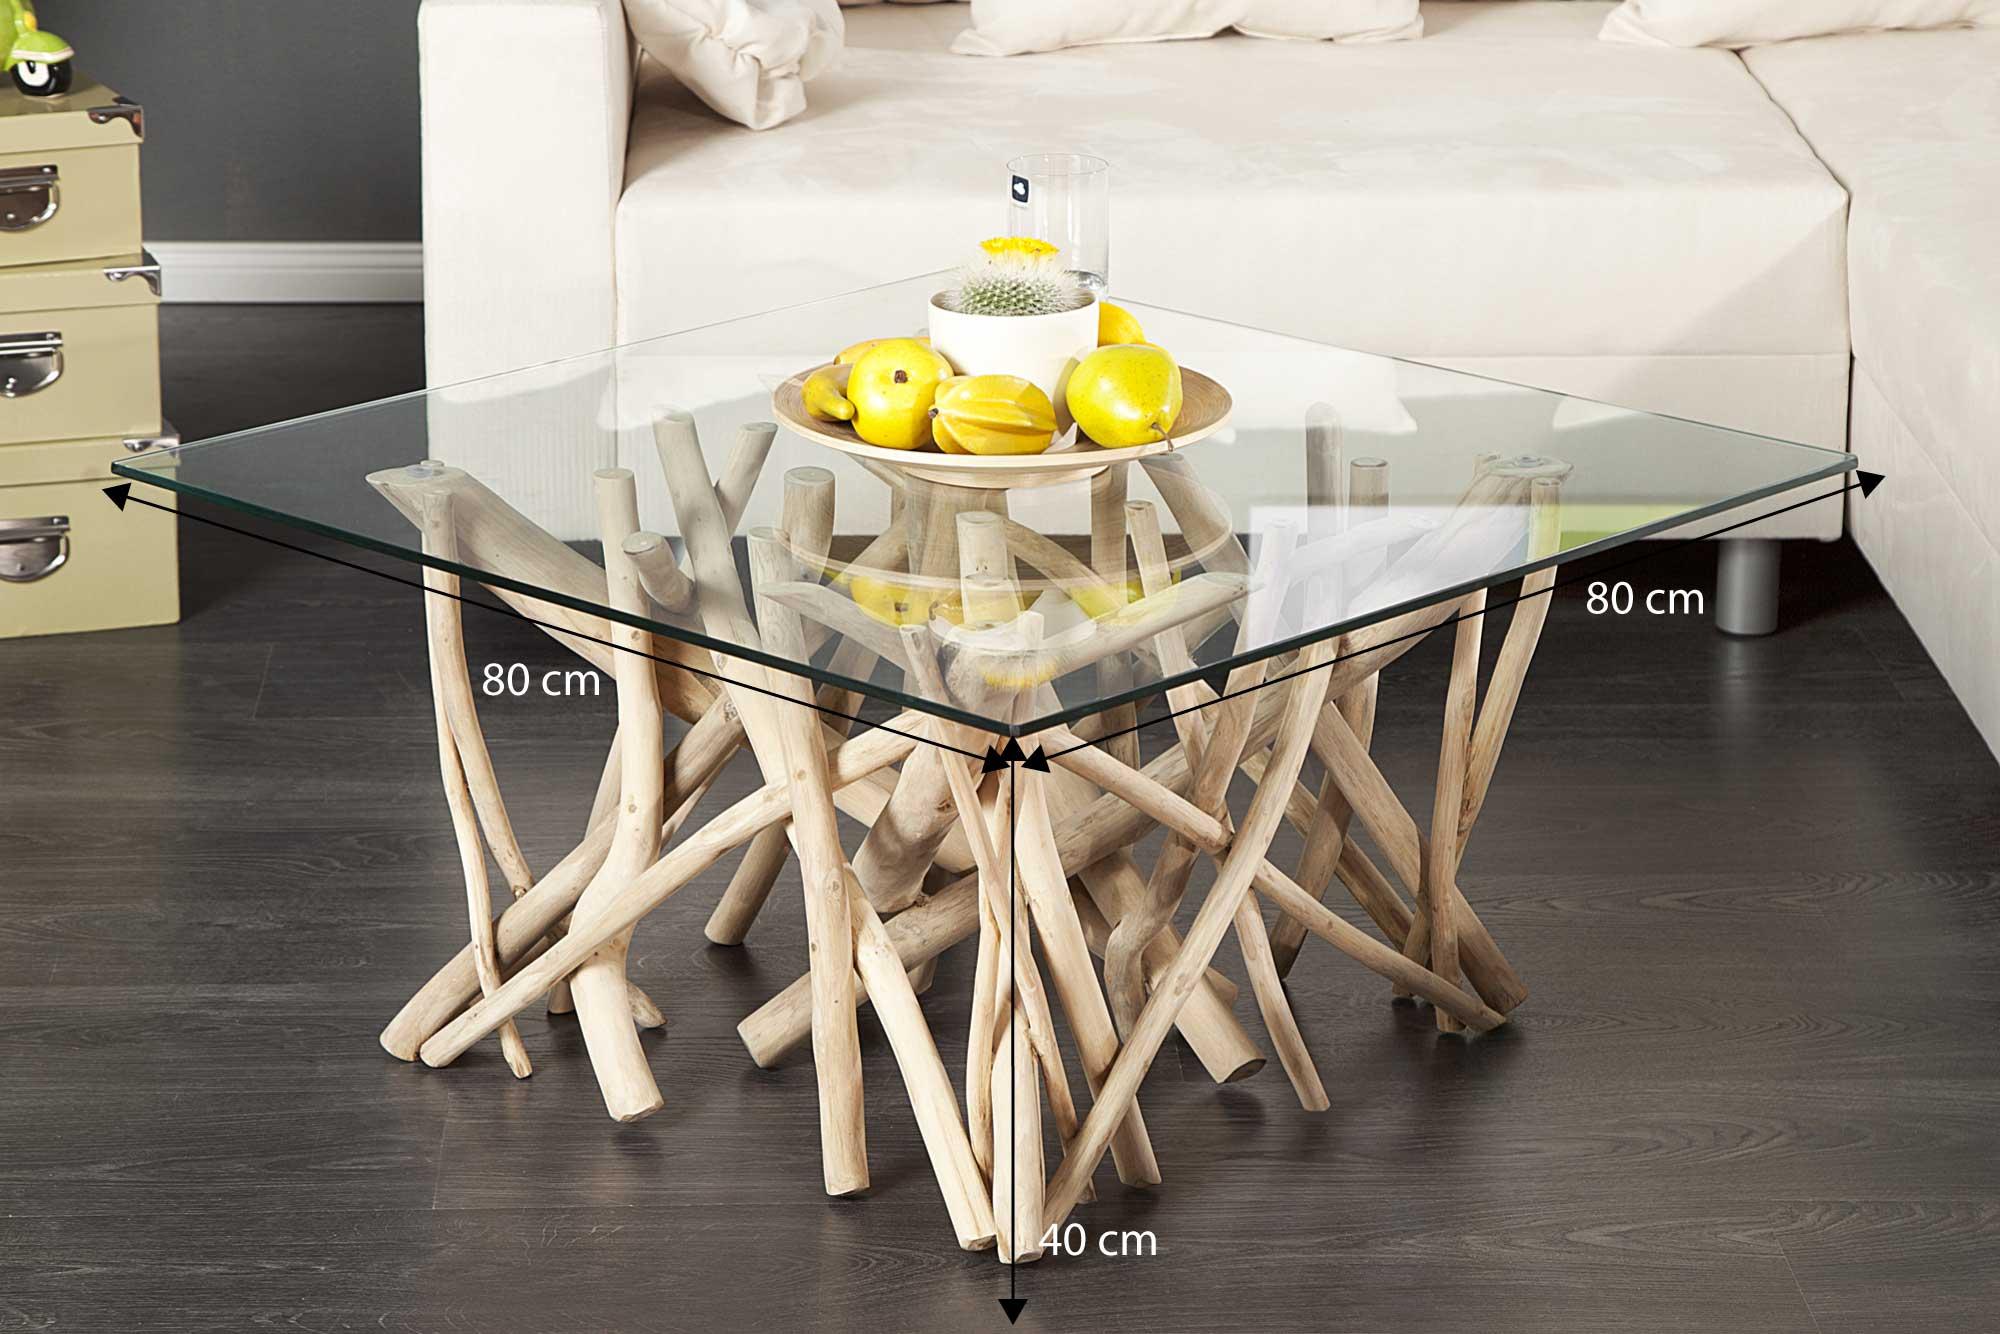 Petite table basse bois flotté